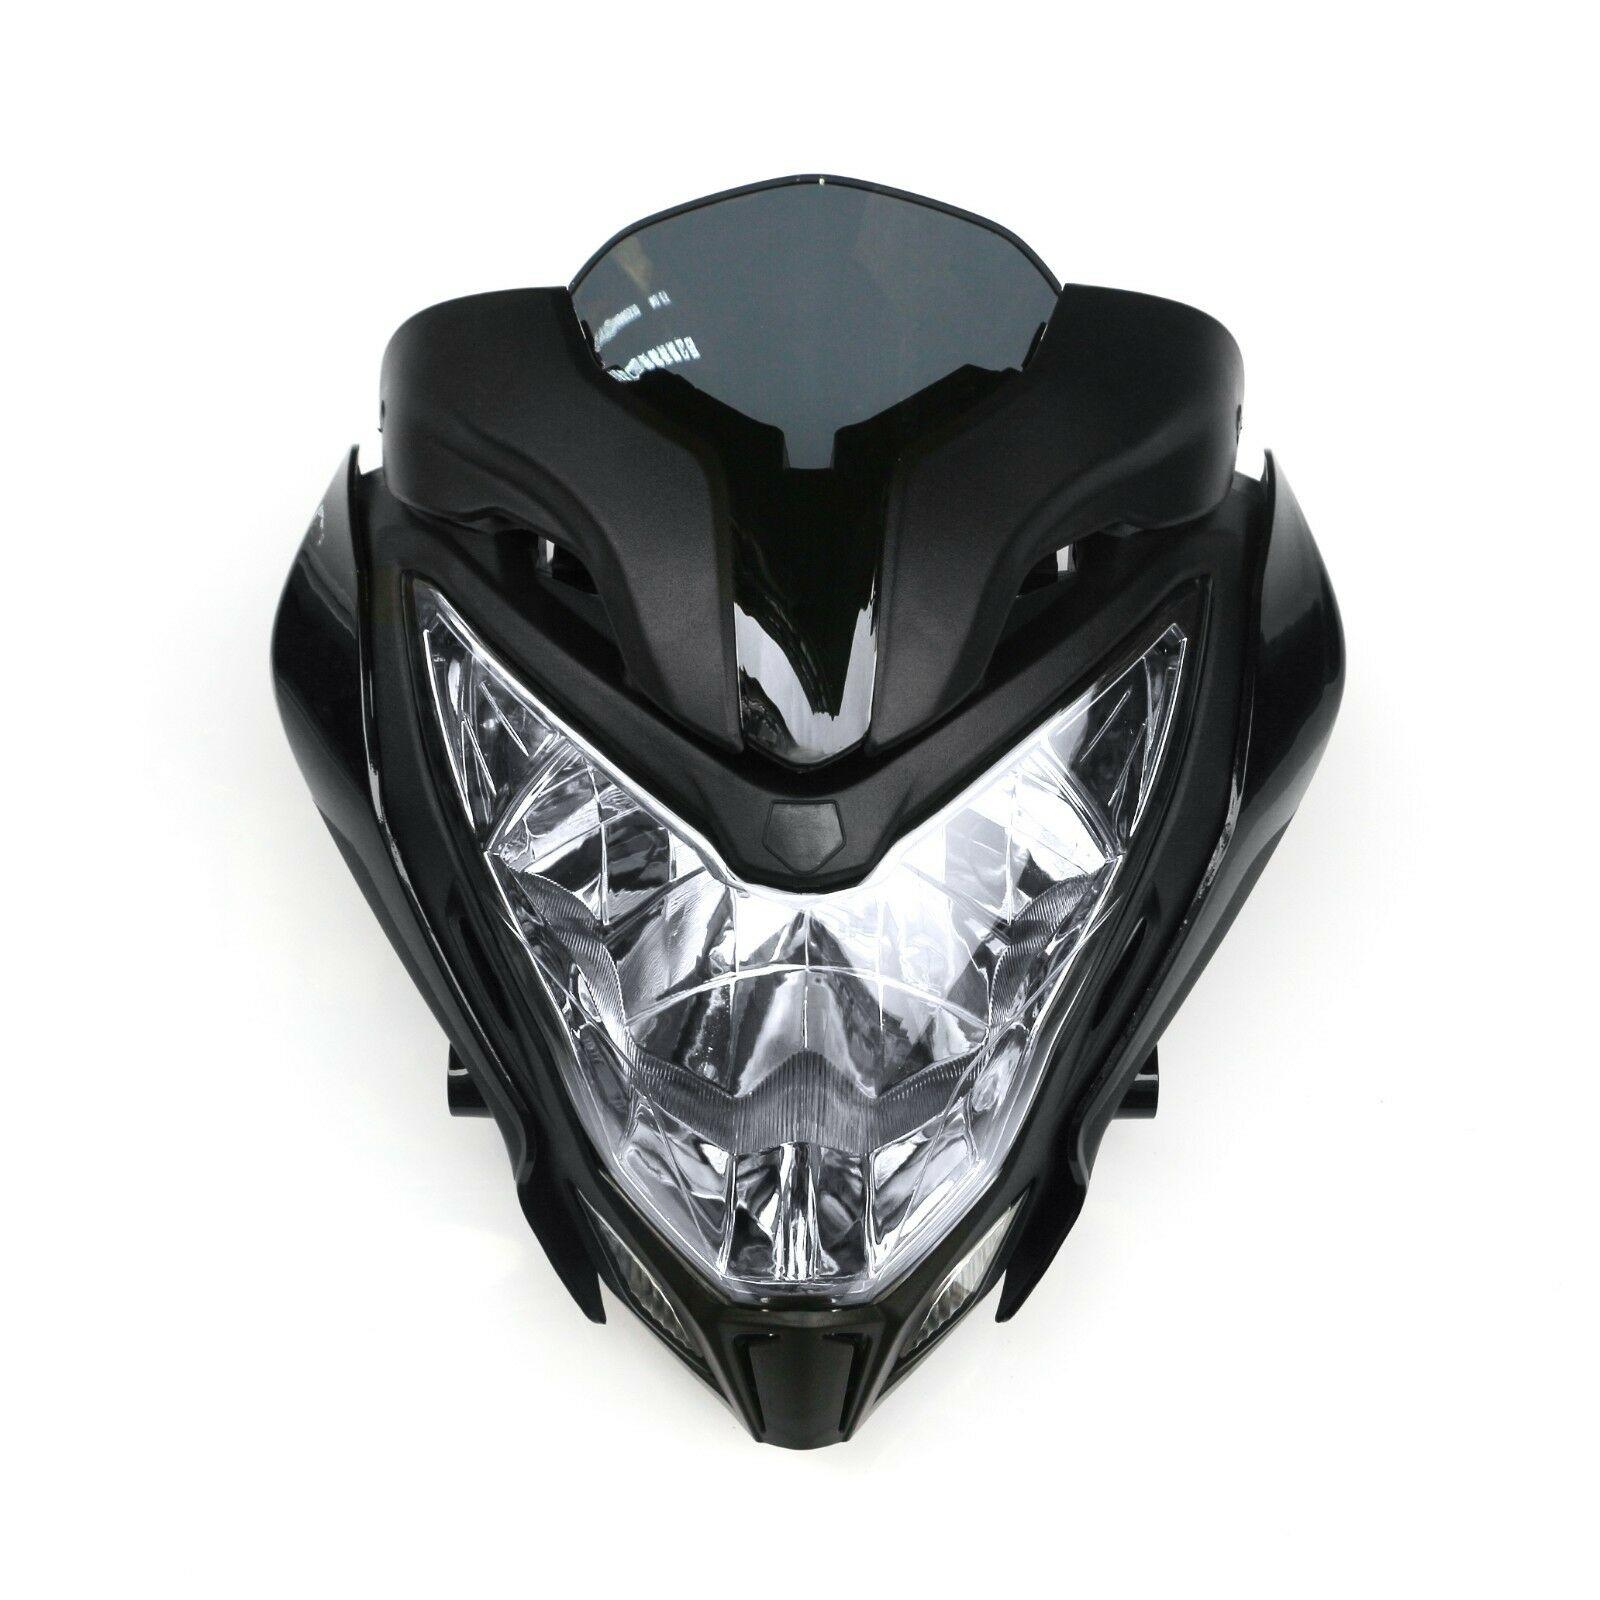 Ensamblaje de faro para motocicleta faro + carenado negro apto para BAJAJ PULSAR150 200